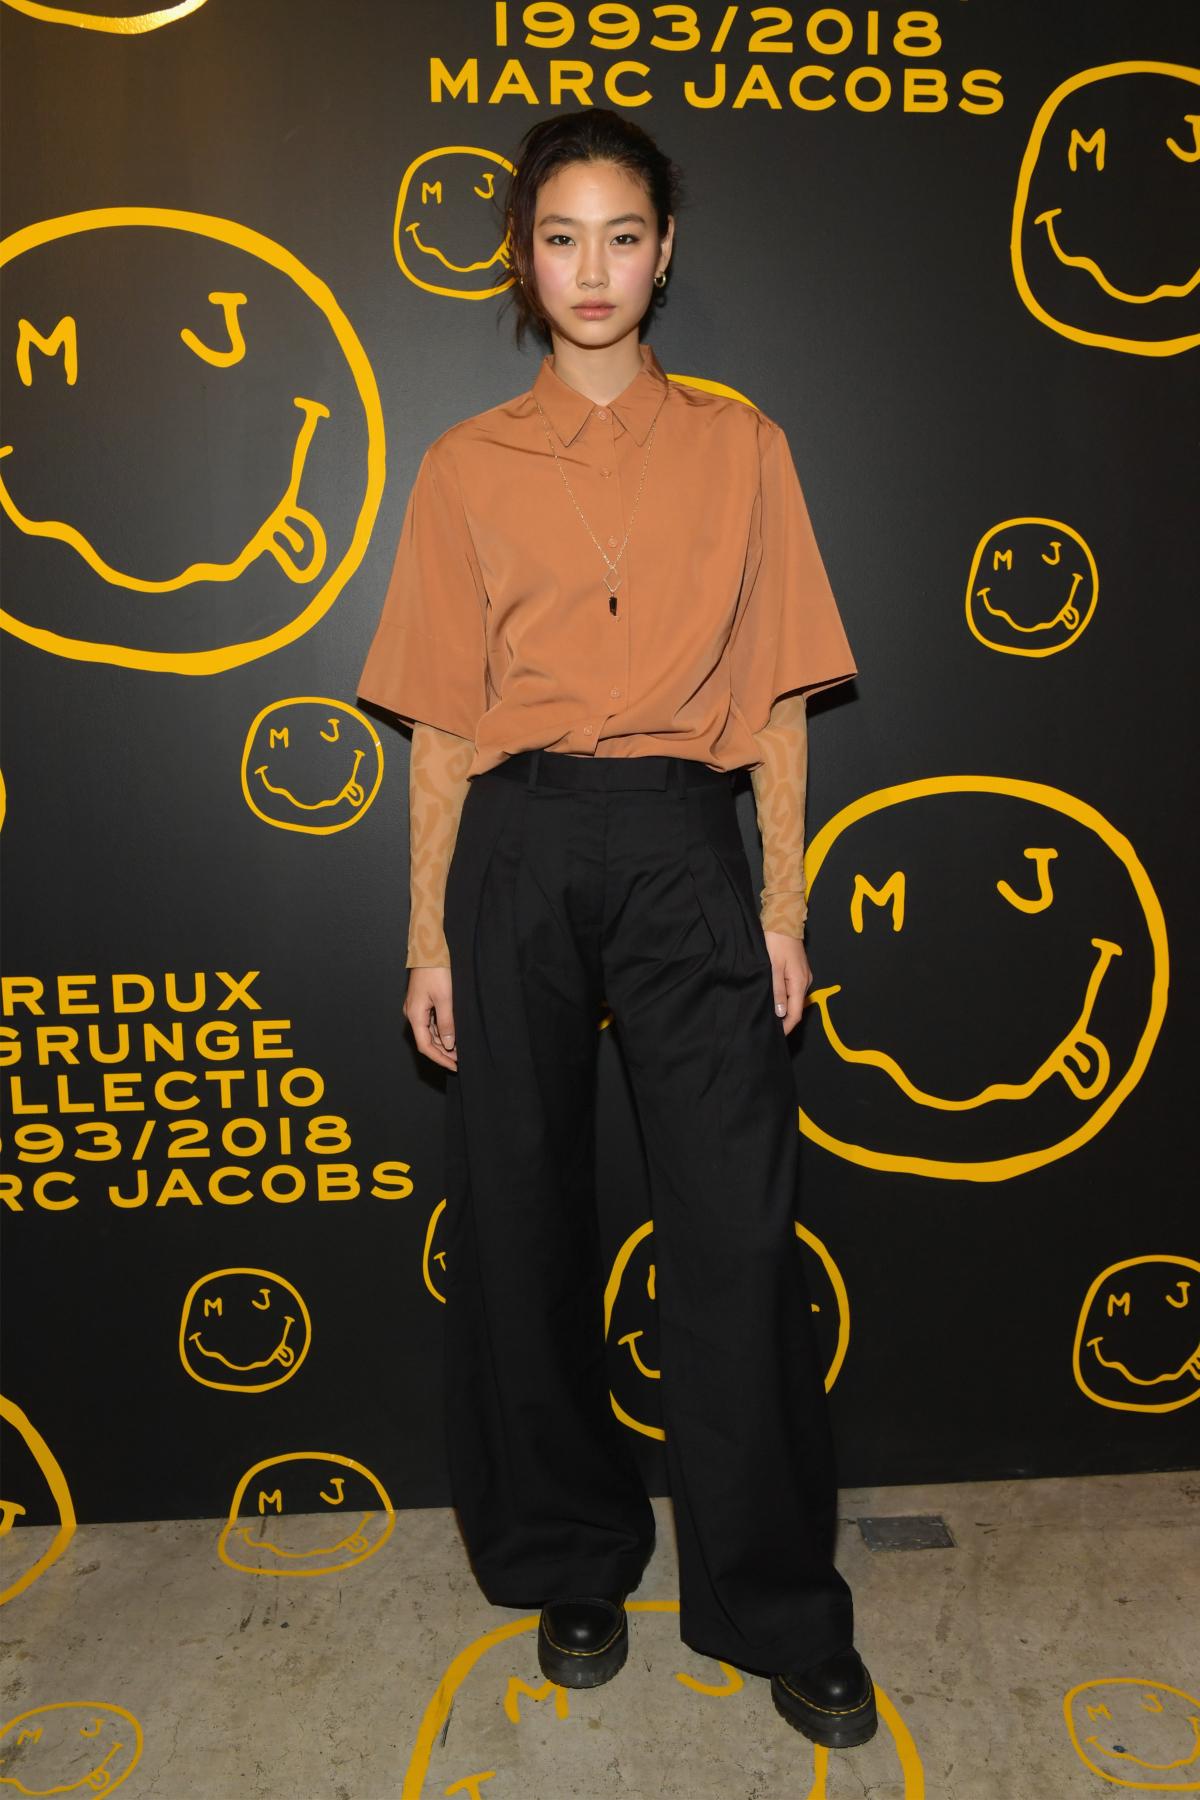 Jung Ho Yeon, îmbrăcată cu un tricou portocaliu și pnataloni largi, negri, la evenimentul The Marc Jacobs Redux Grunge Collection, în 2018